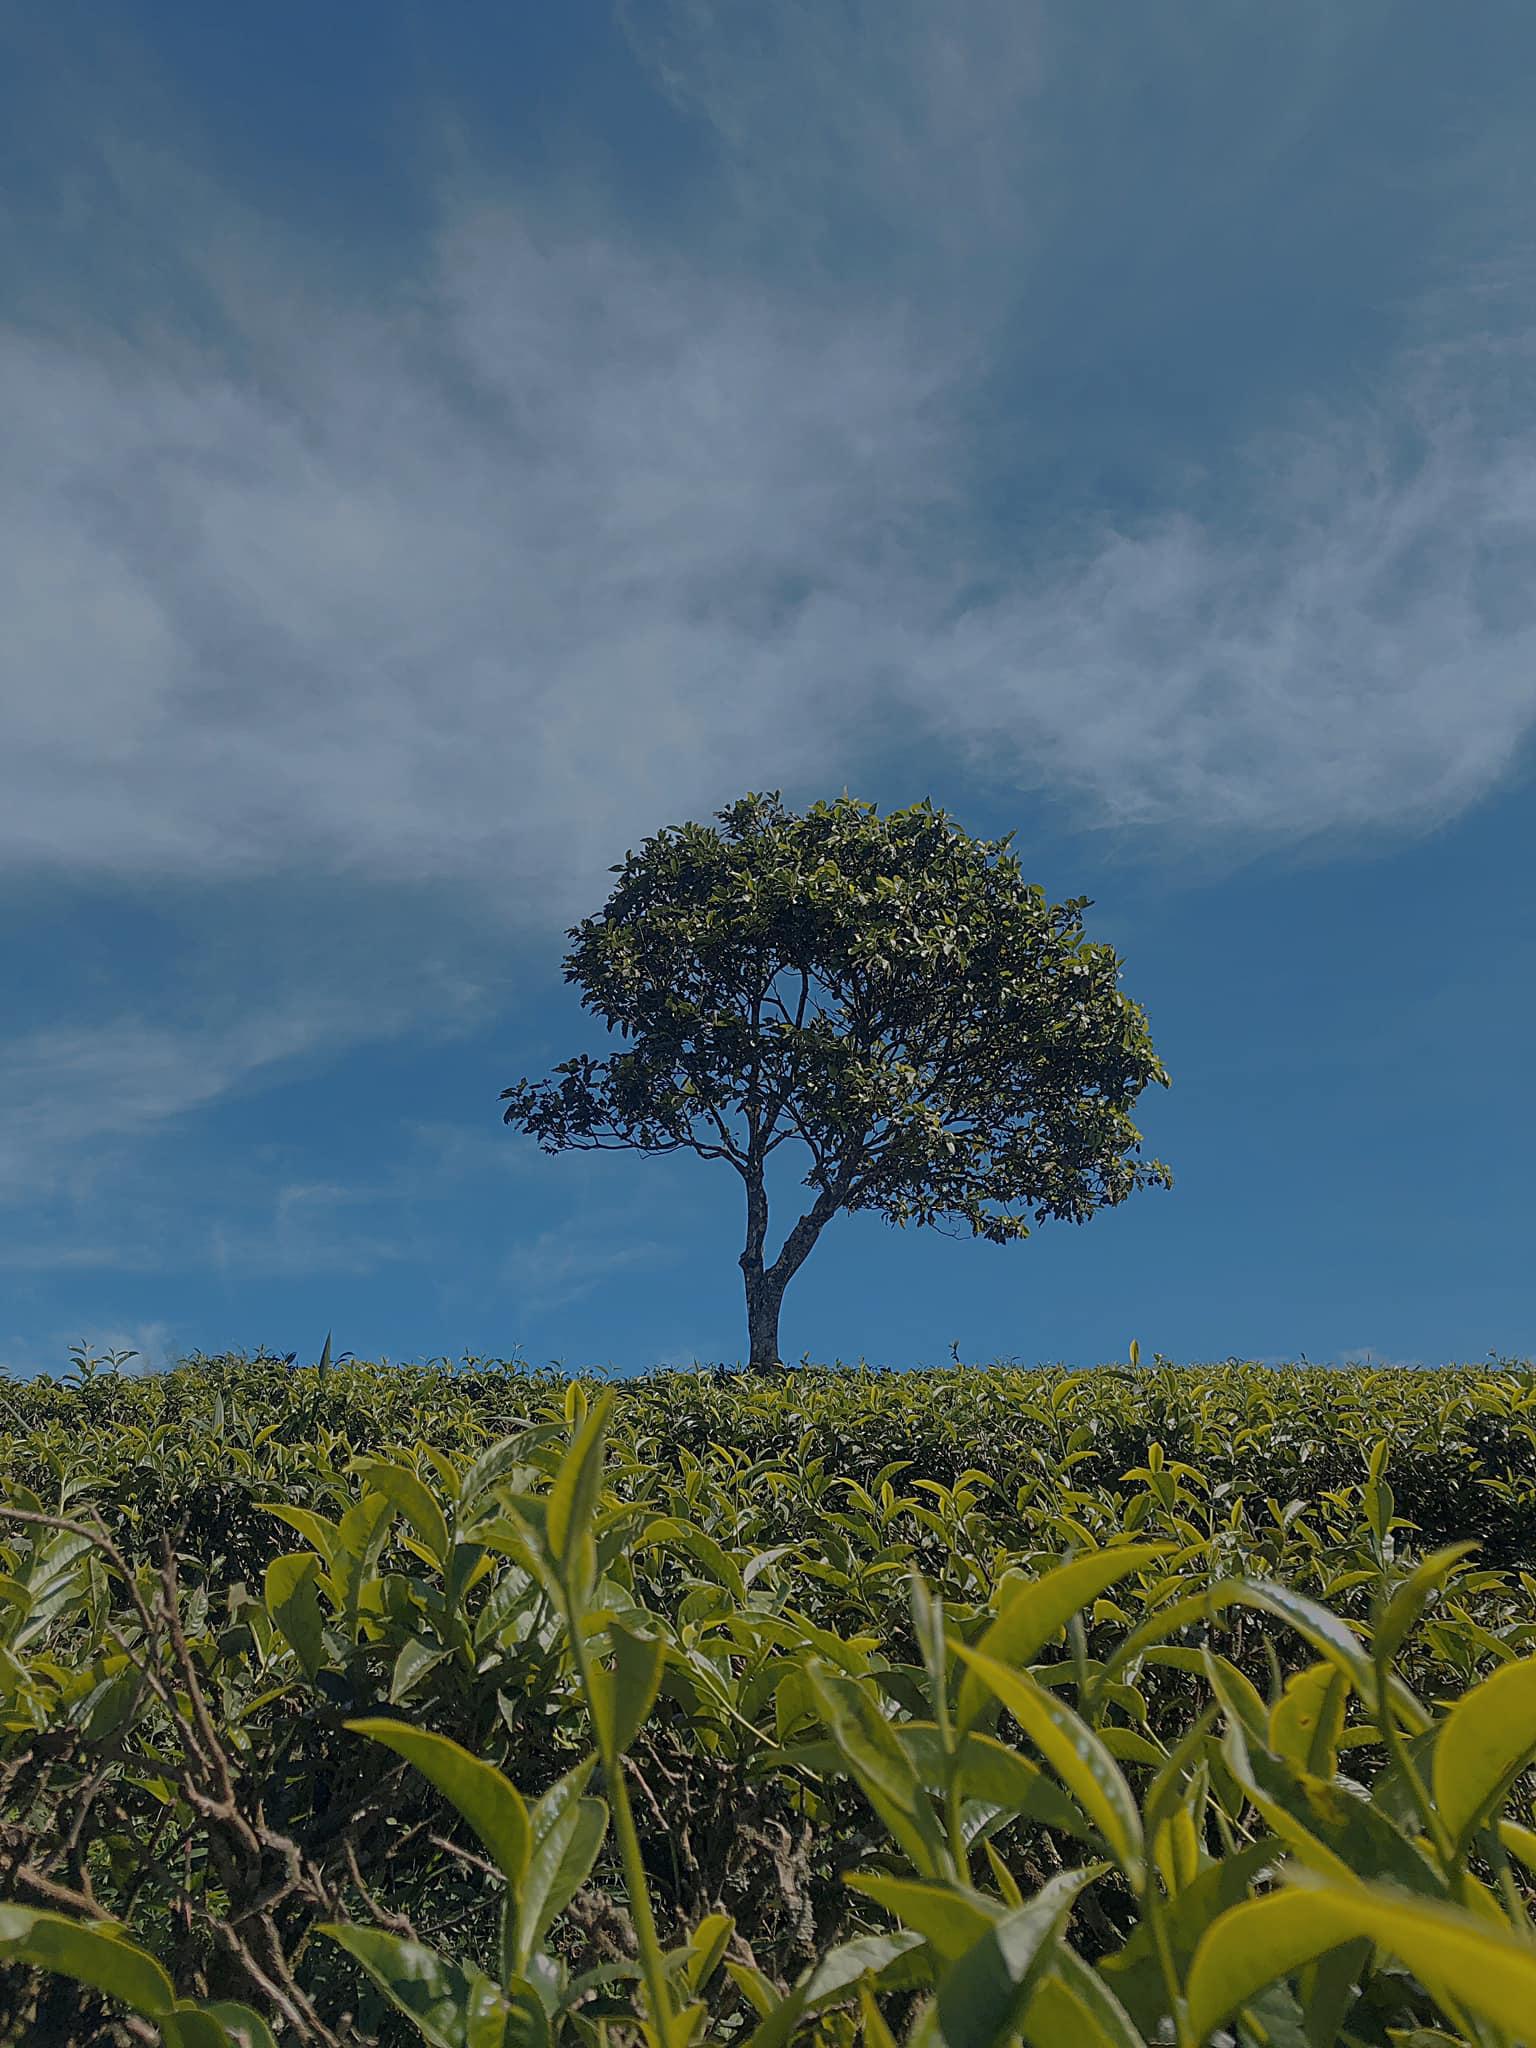 Ảnh cây xanh đứng giữa đồi chè